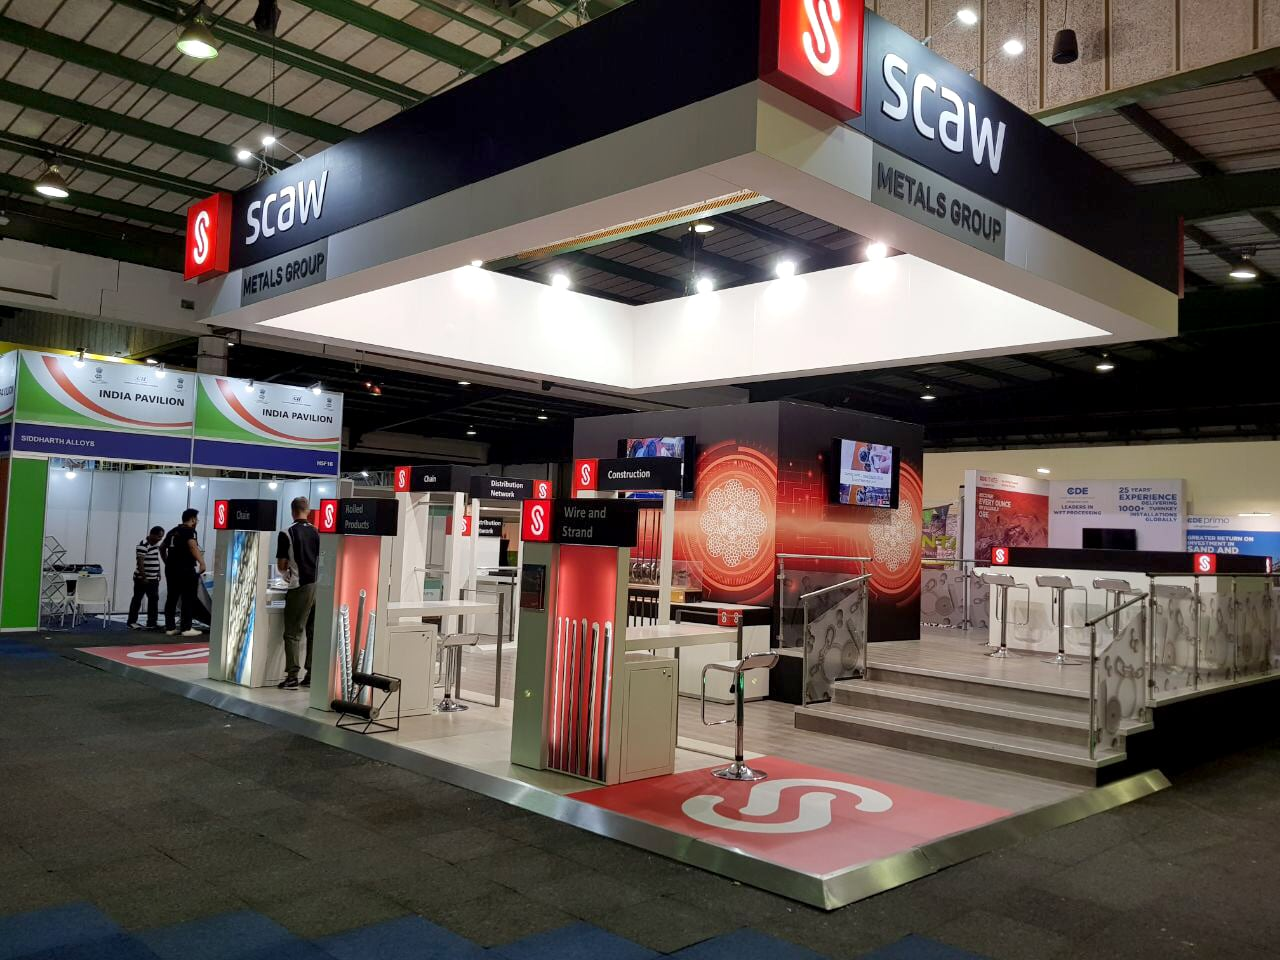 Exhibition Stands - Scaw Metals